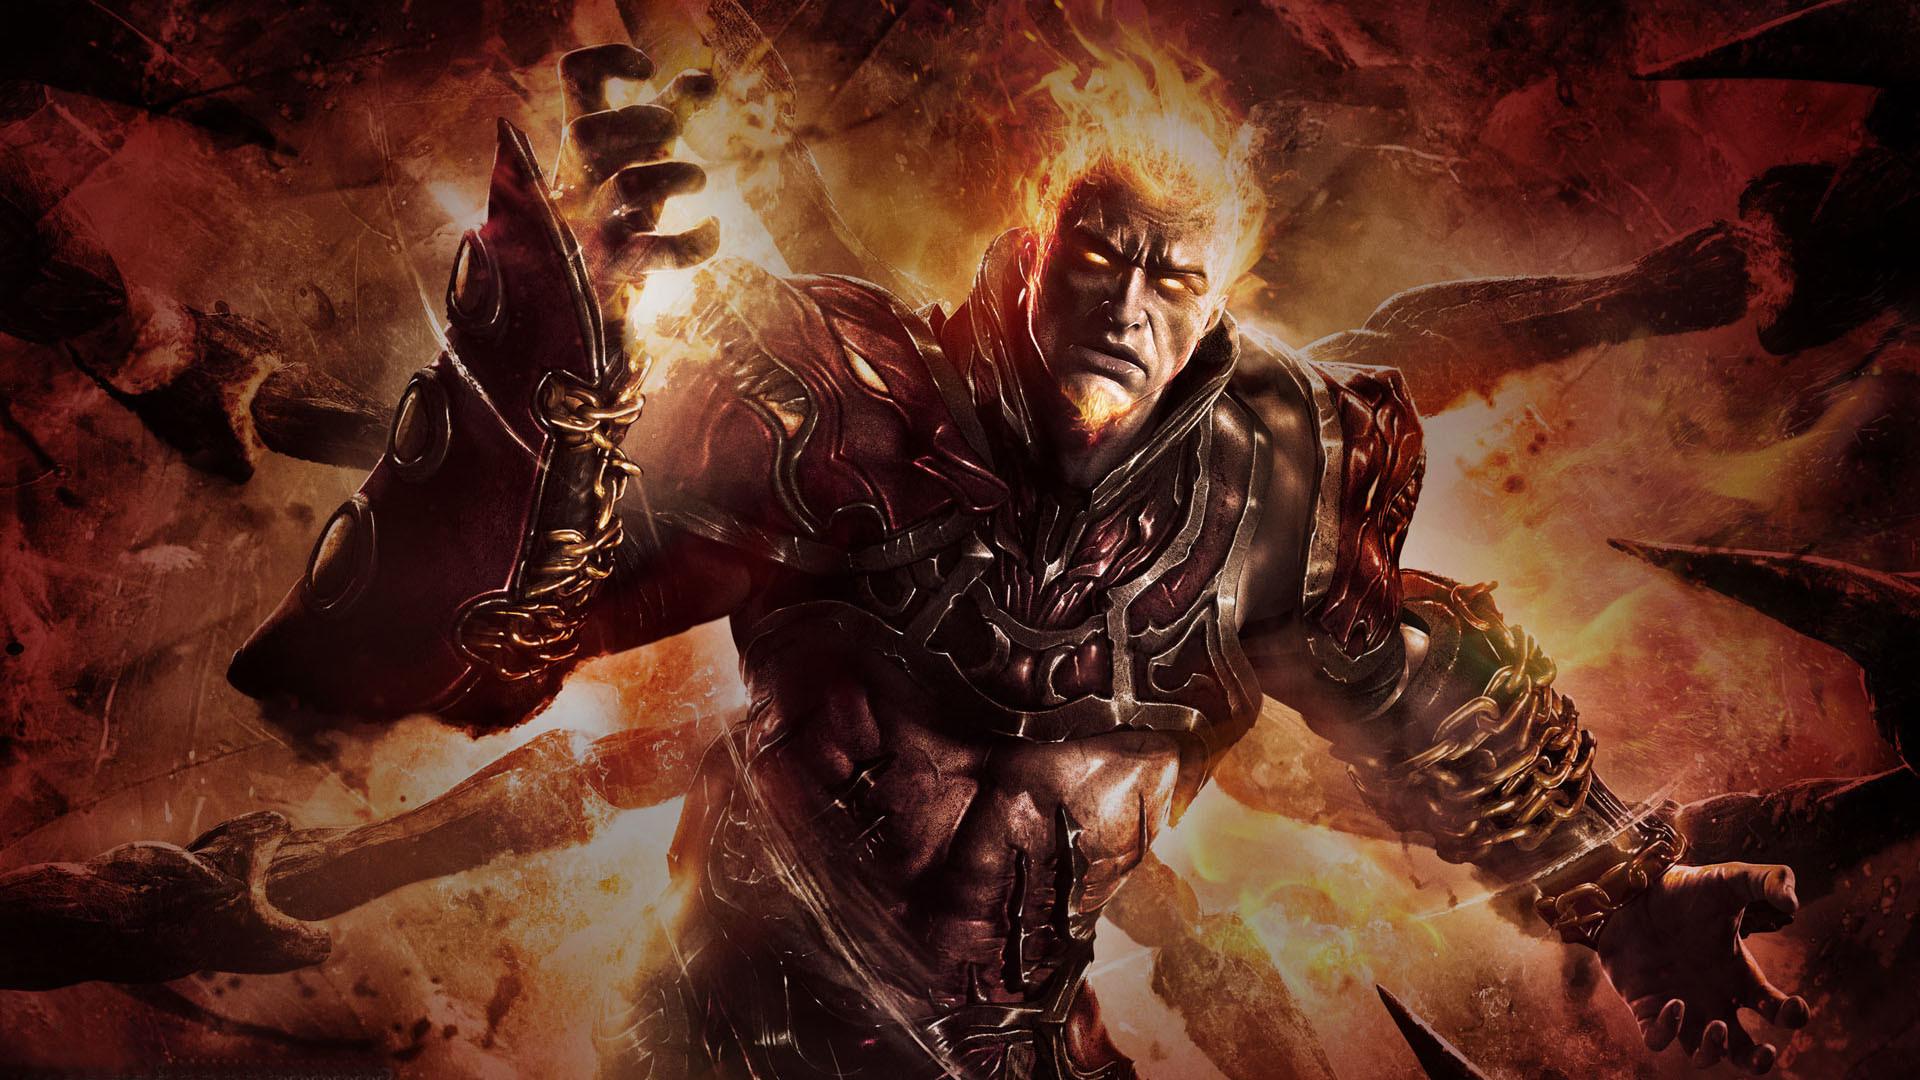 God of war 4k wallpaper 69 images - Ares god of war wallpaper ...